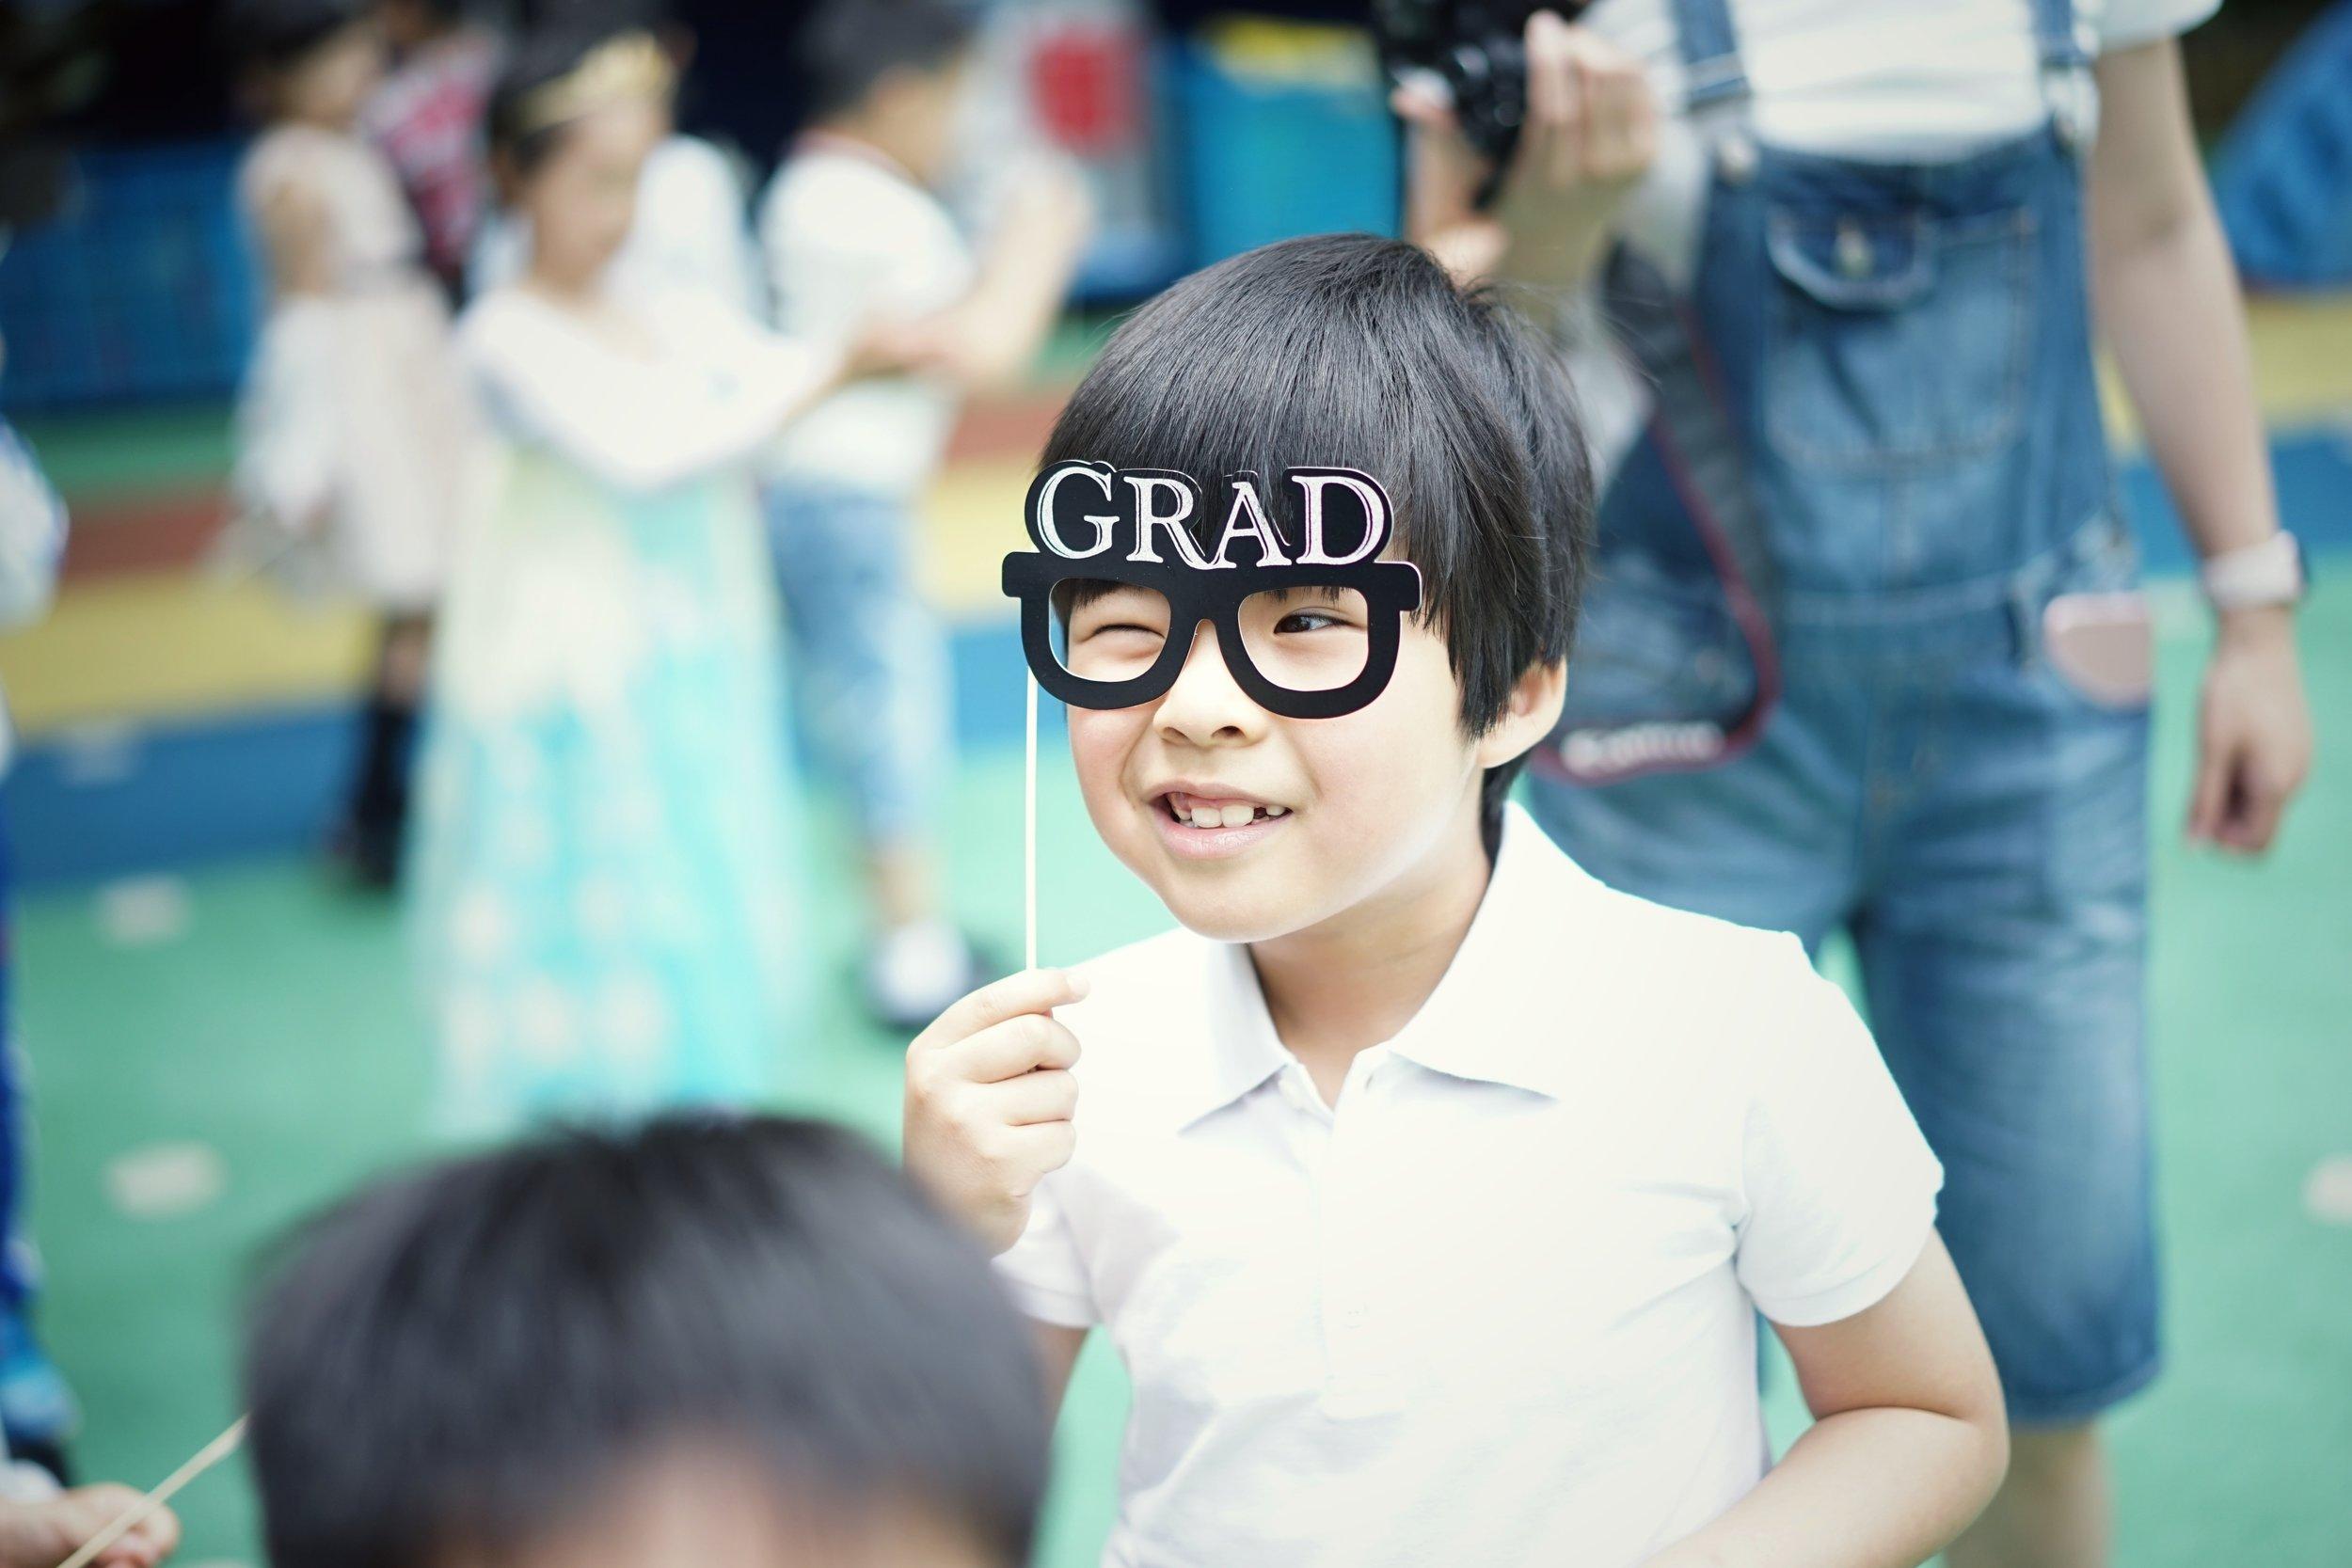 child graduates